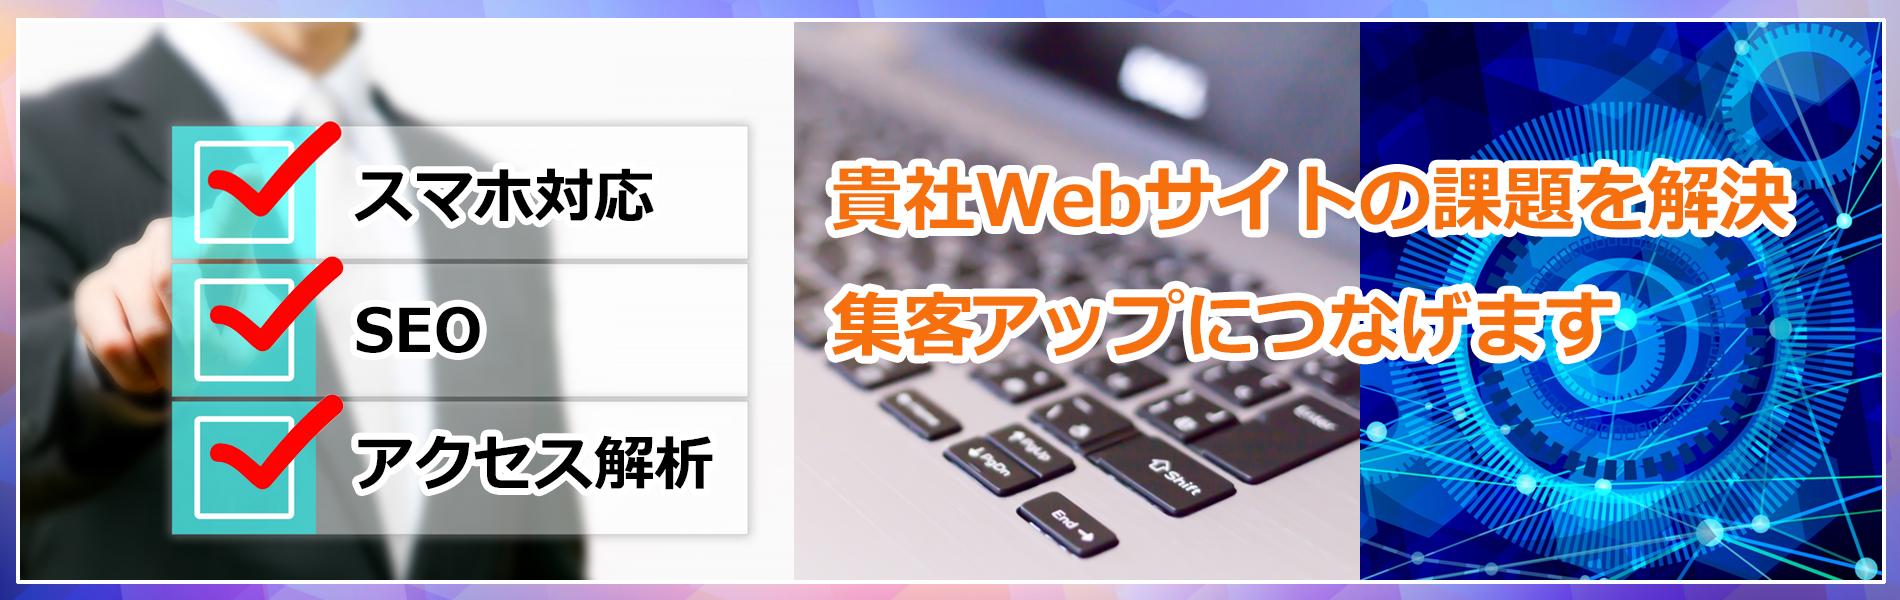 スマホ対応のホームページ制作、SEO、アクセス解析など、貴社Webサイトの課題を解決し、集客アップにつなげます。